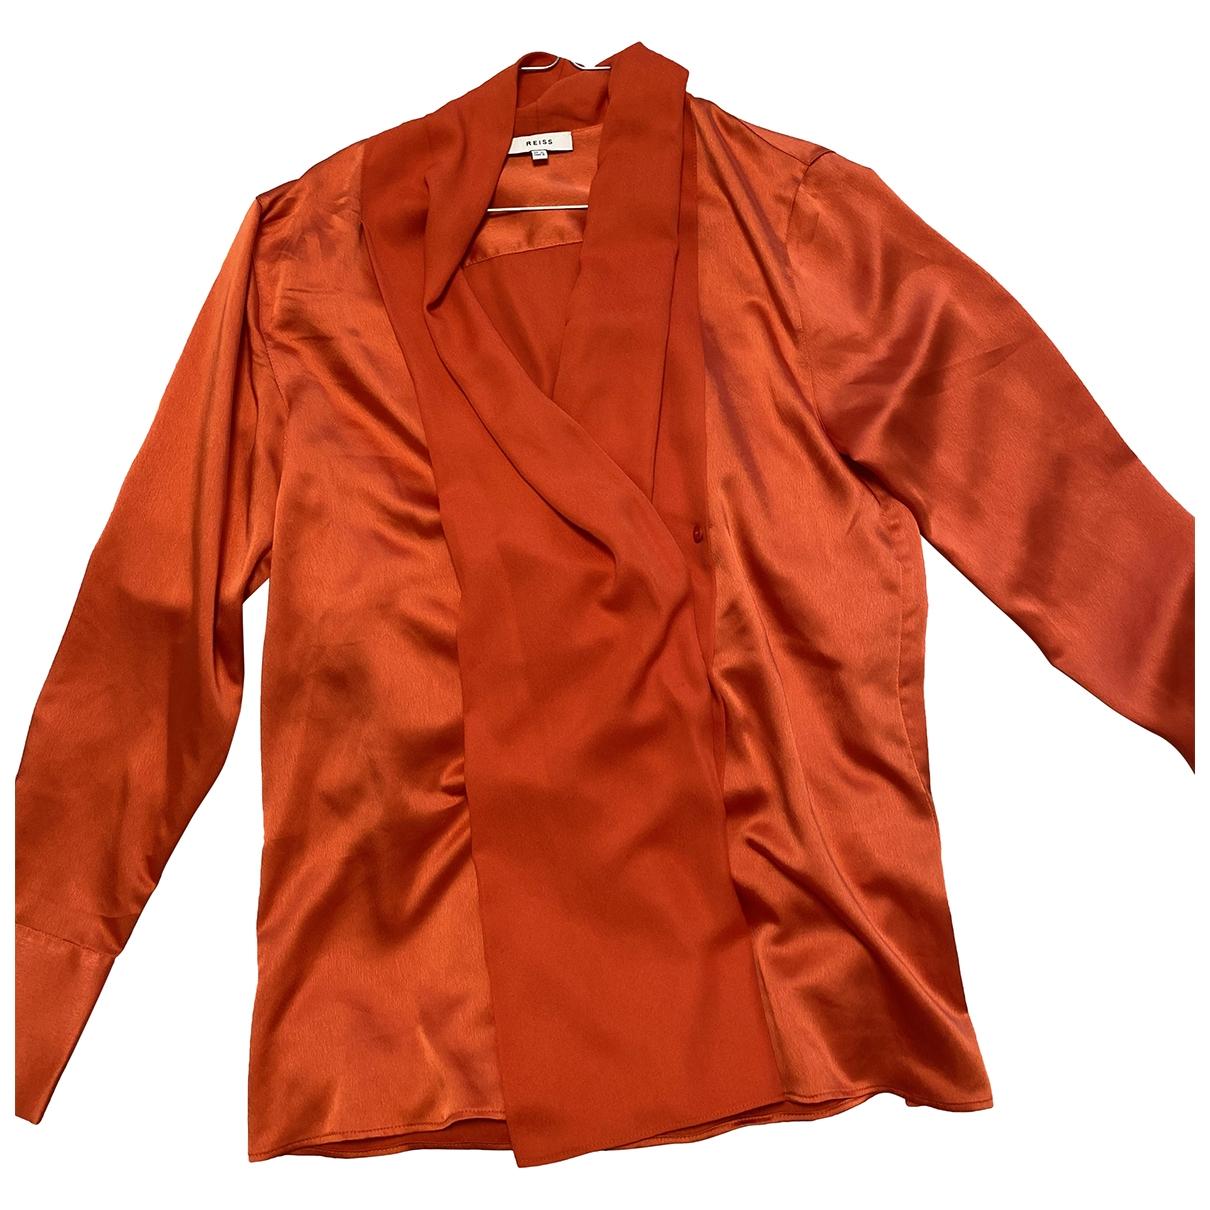 Reiss - Top   pour femme en soie - orange